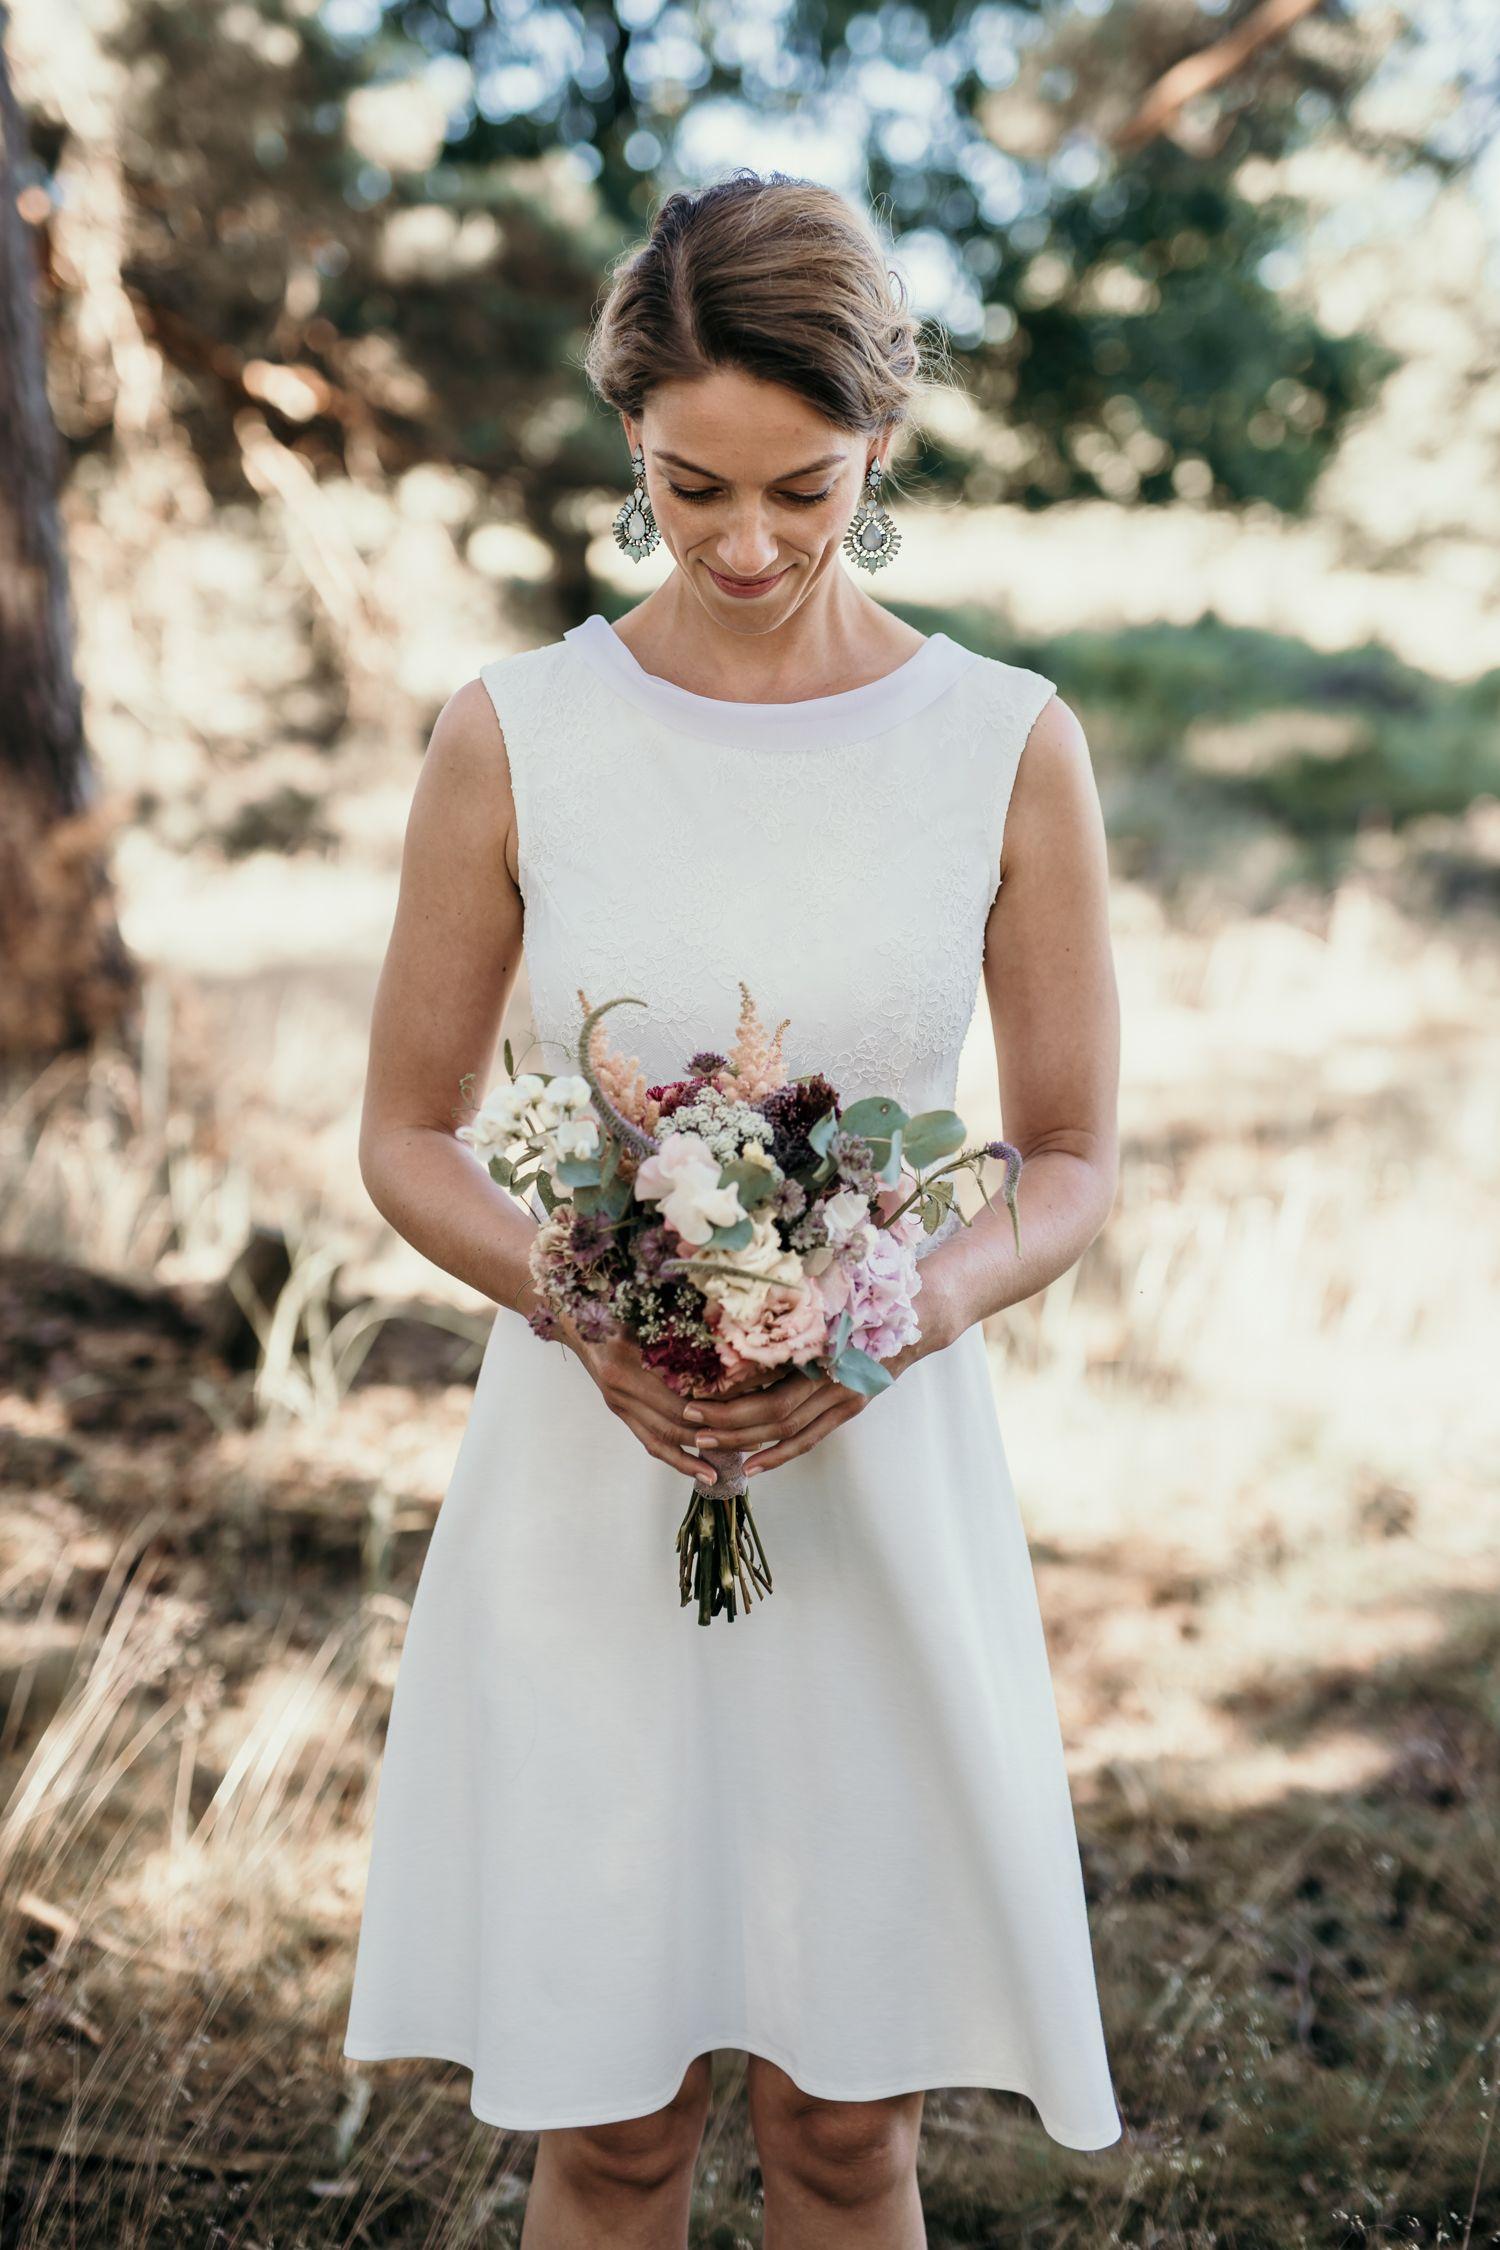 Die schönsten Brautkleider fürs Standesamt 2019 | Hochzeitsblog The Little Wedding Corner #weißekleiderkurz